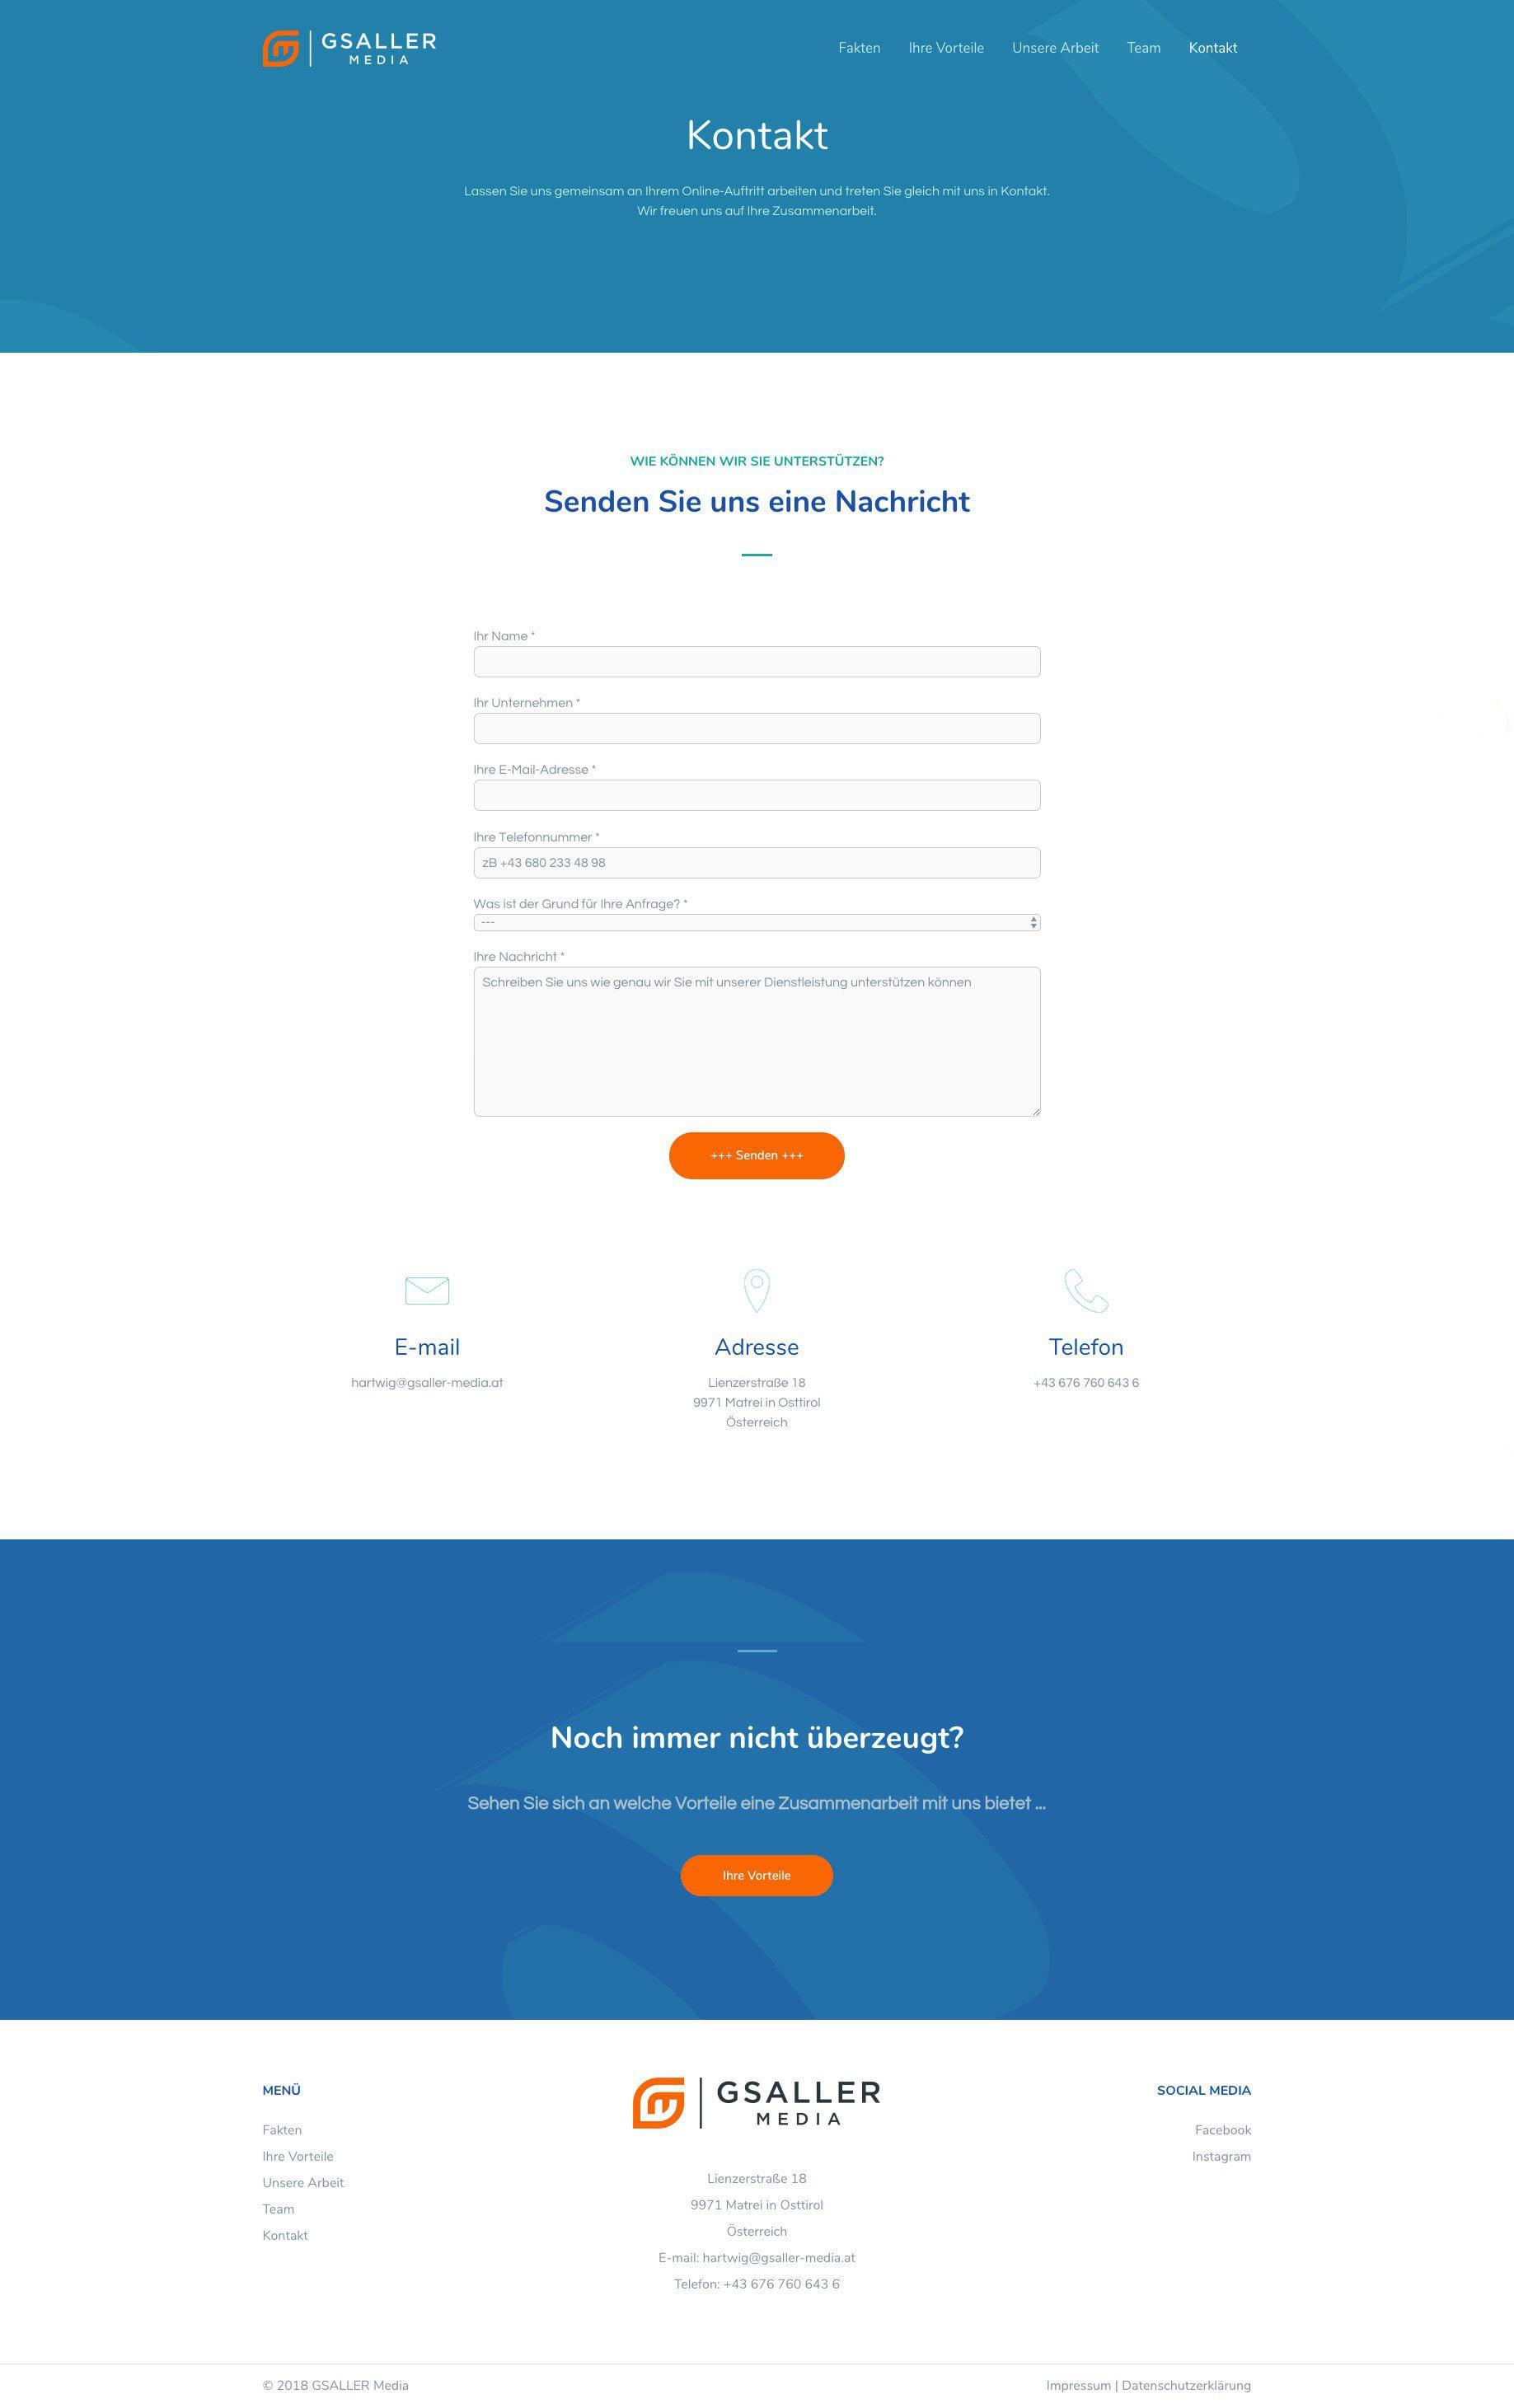 Gsaller Media Webdesign Agentur Seite Kontaktaufnahme